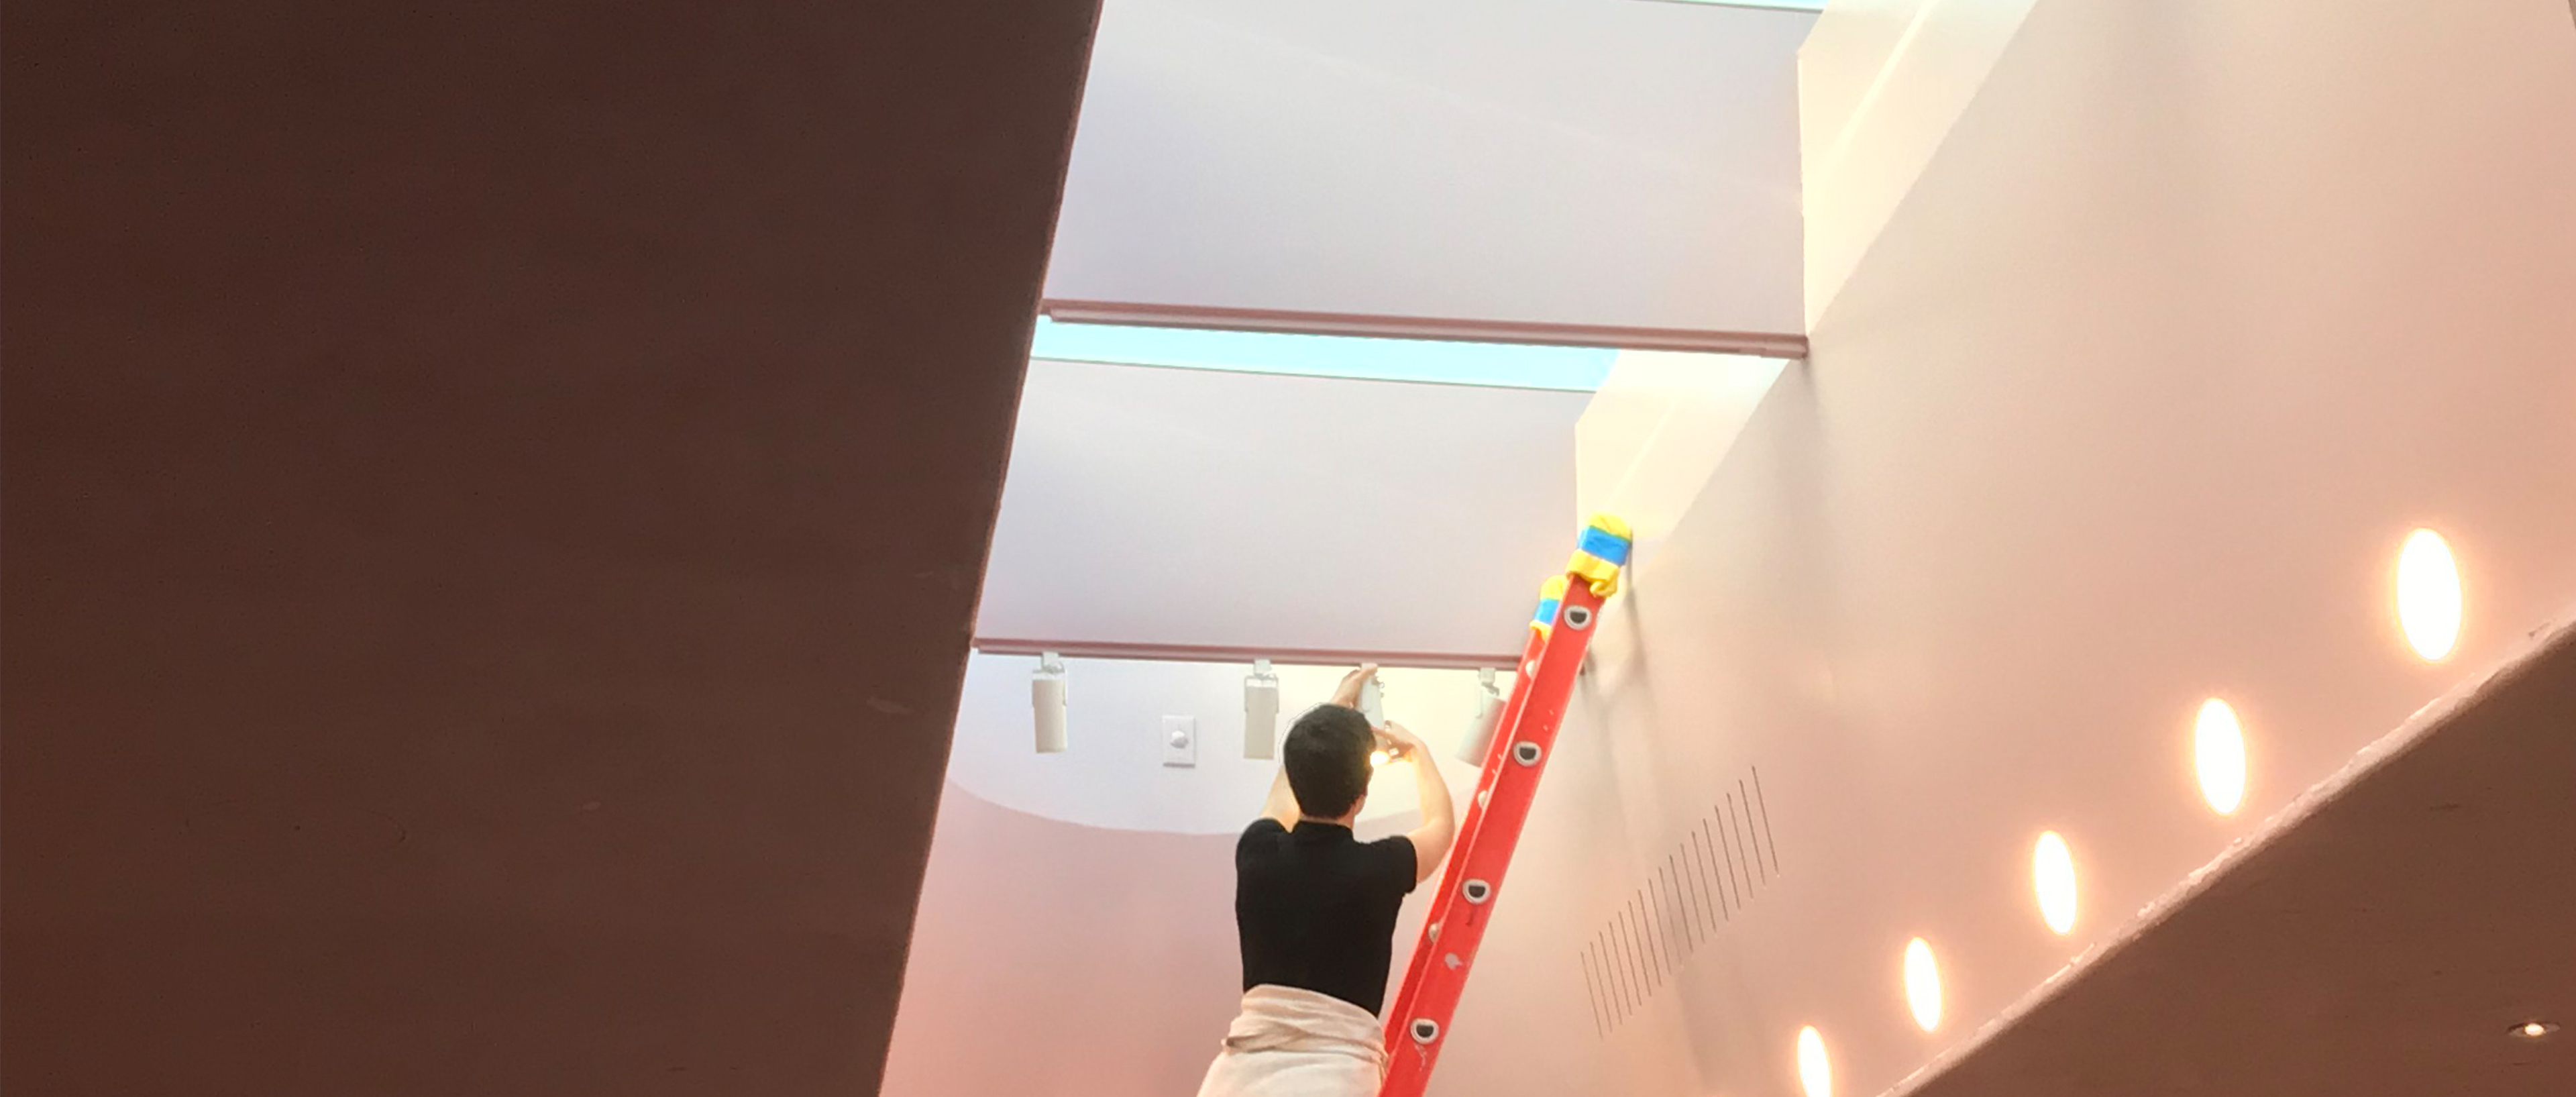 Sara McElroy installing light fixtures